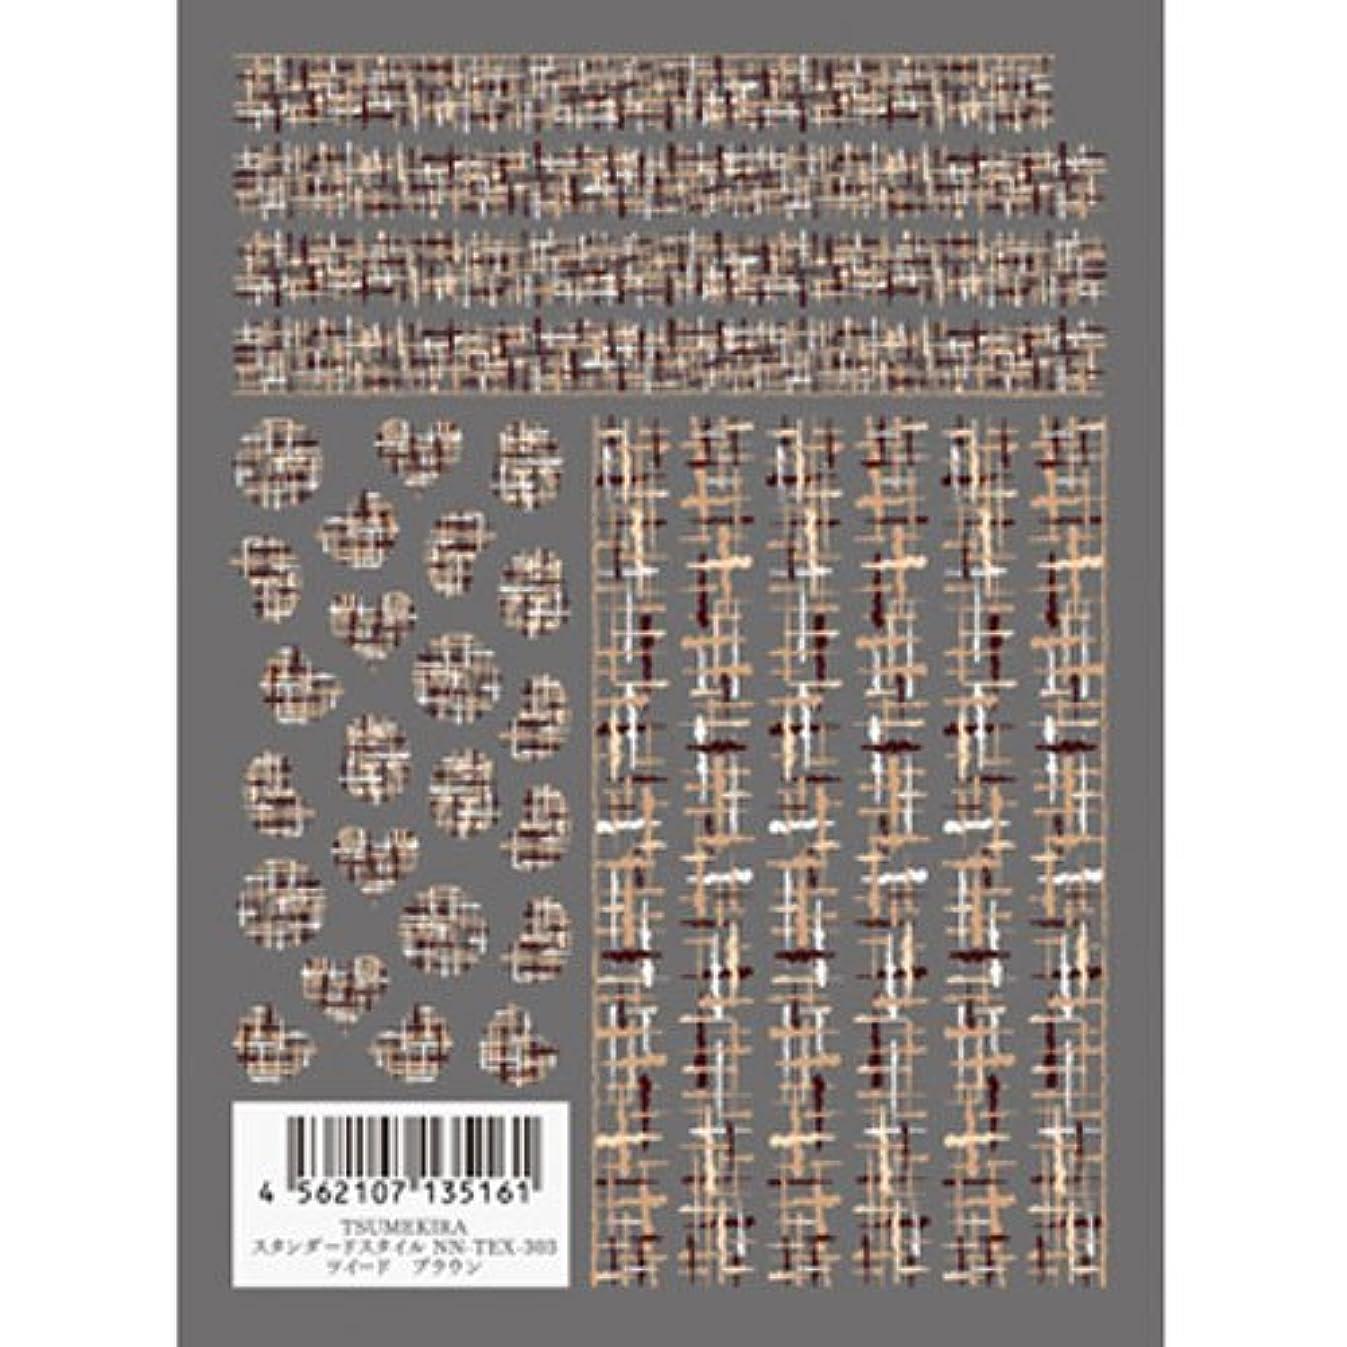 クーポン薬局痛いTSUMEKIRA(ツメキラ) ネイルシール ツイード ブラウン NN-TEX-303 1枚